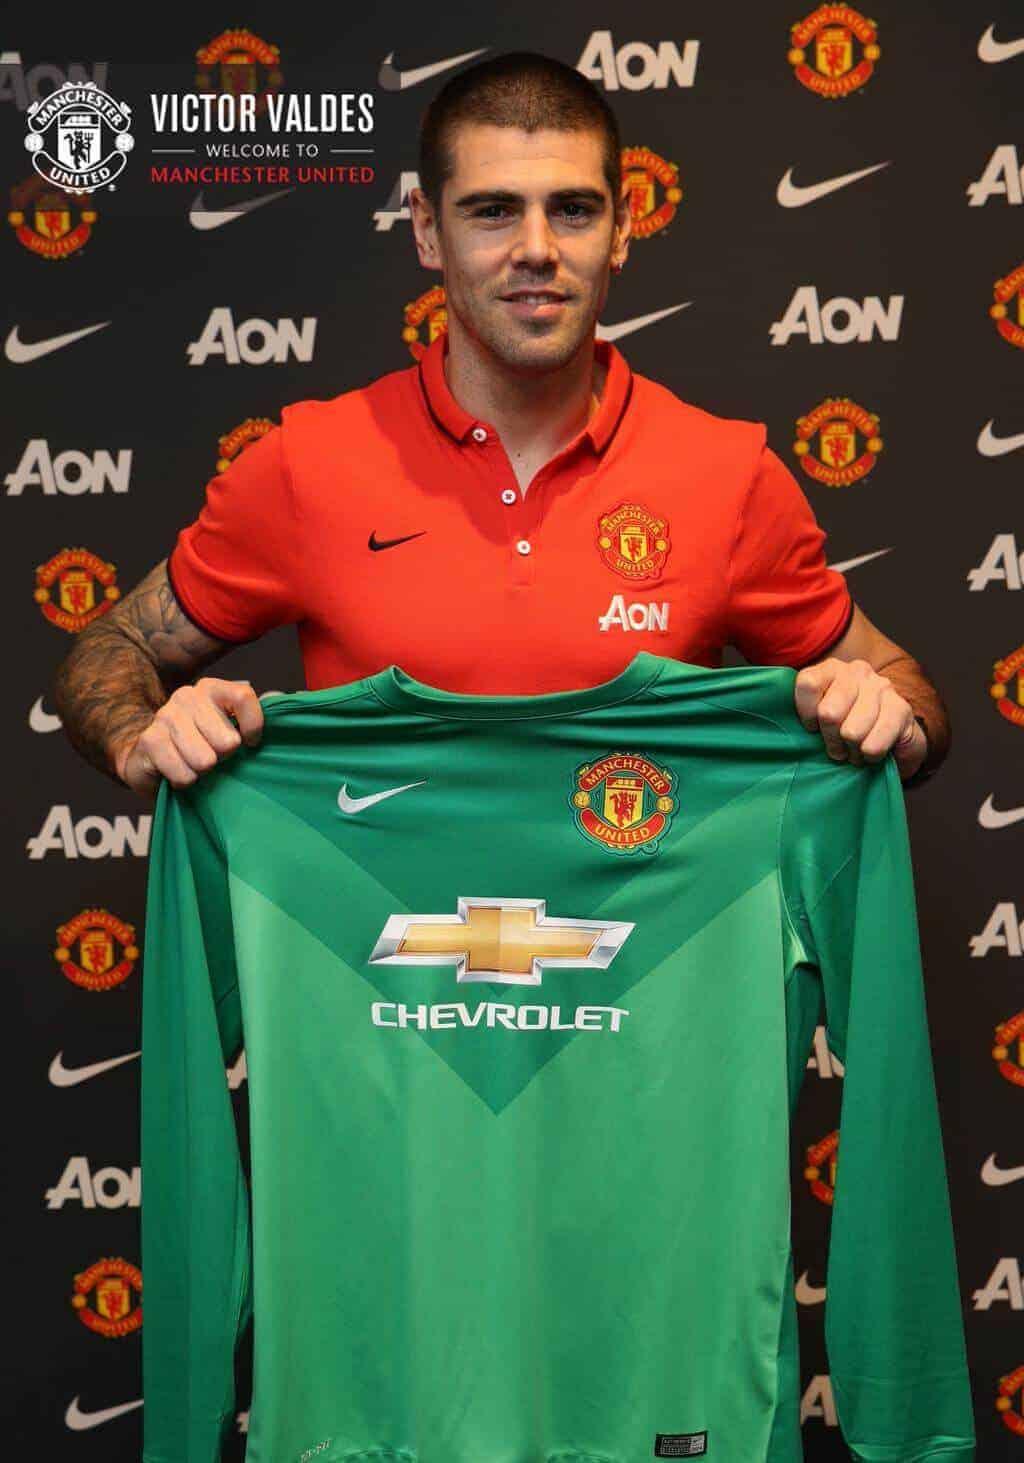 Manchester United unveil the signing of former Barcelona goalkeeper Victor Valdes